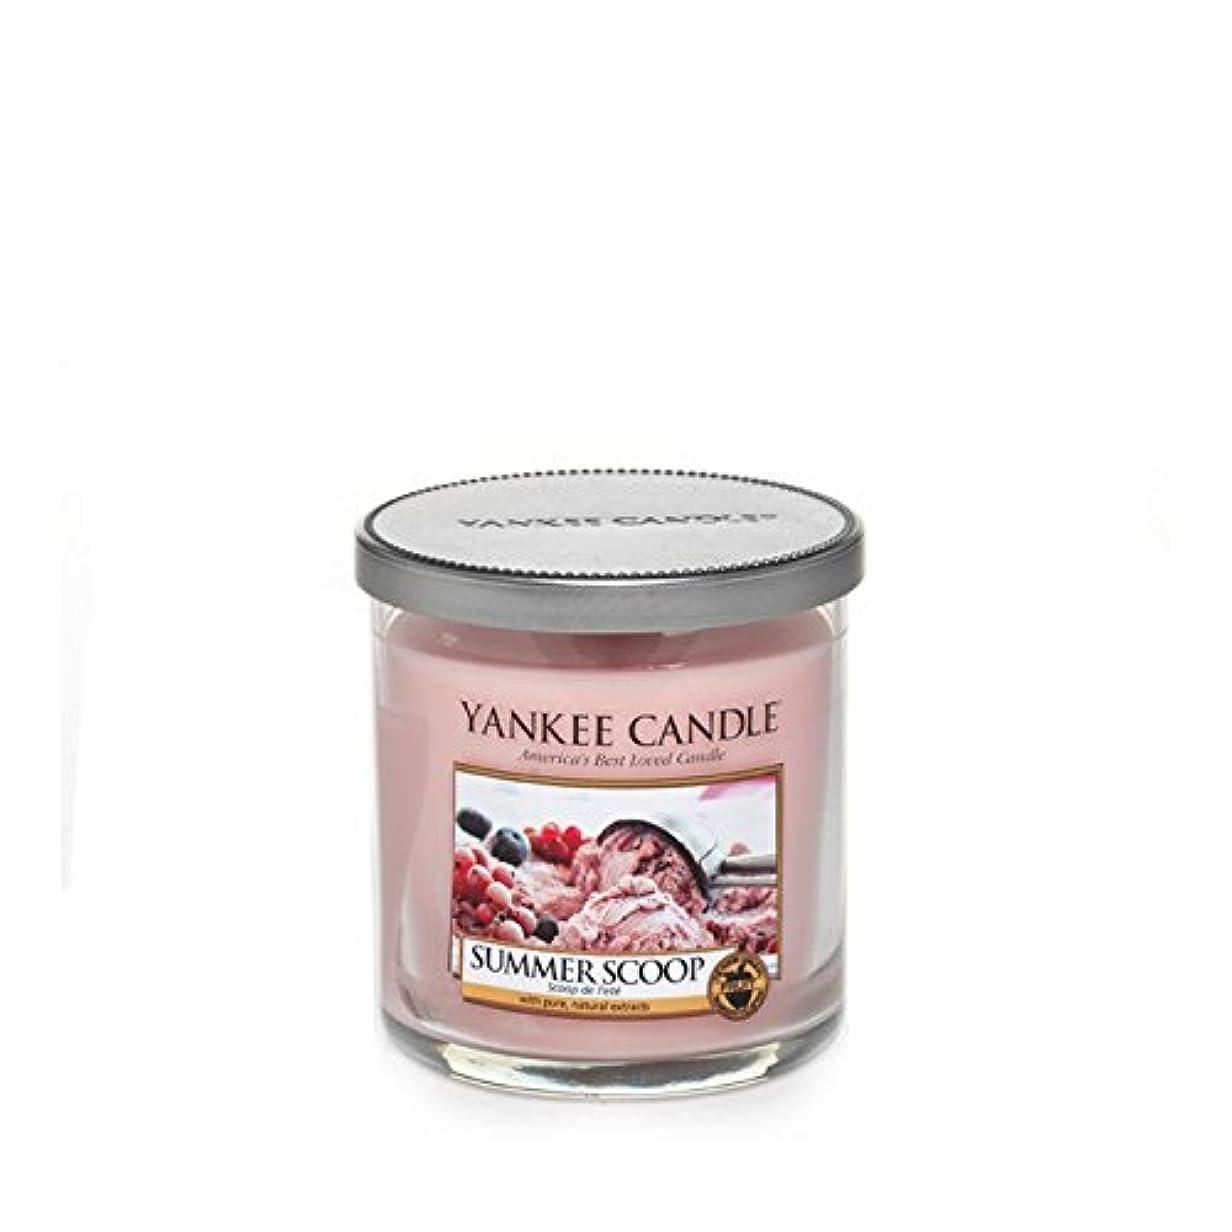 シャッフル移動究極のYankee Candles Small Pillar Candle - Summer Scoop (Pack of 2) - ヤンキーキャンドルの小さな柱キャンドル - 夏のスクープ (x2) [並行輸入品]